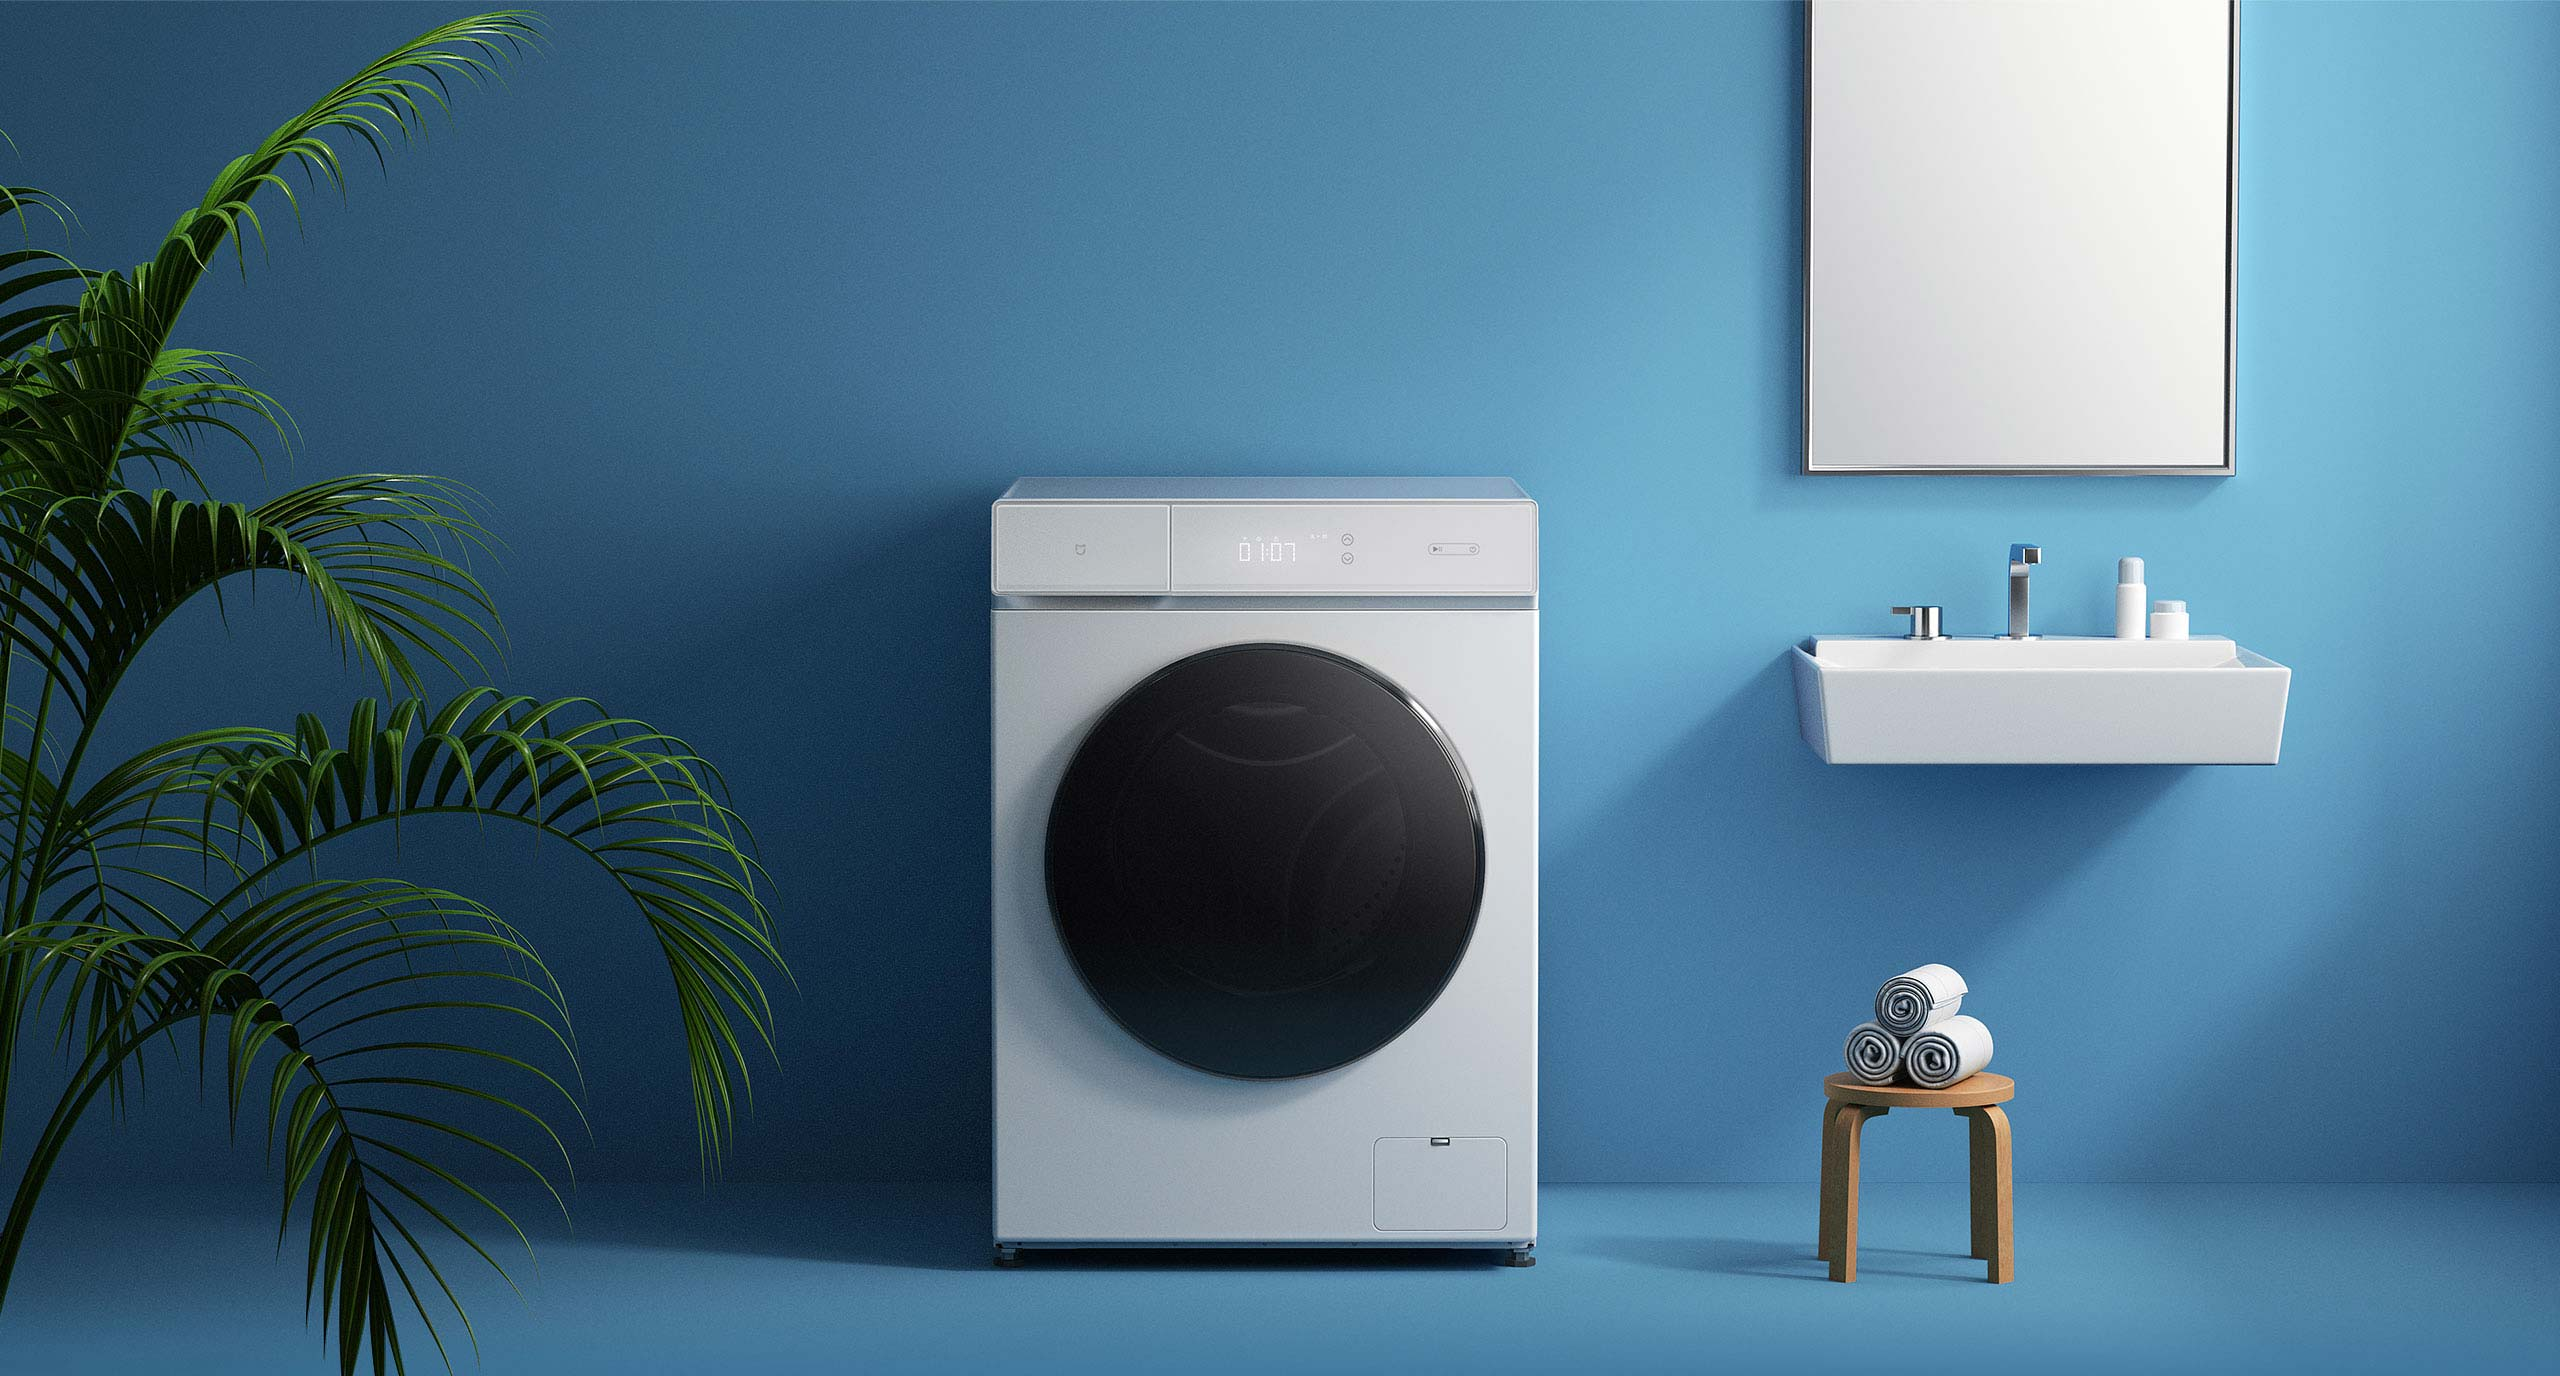 Xiaomi Mijia Smart Washing Machine